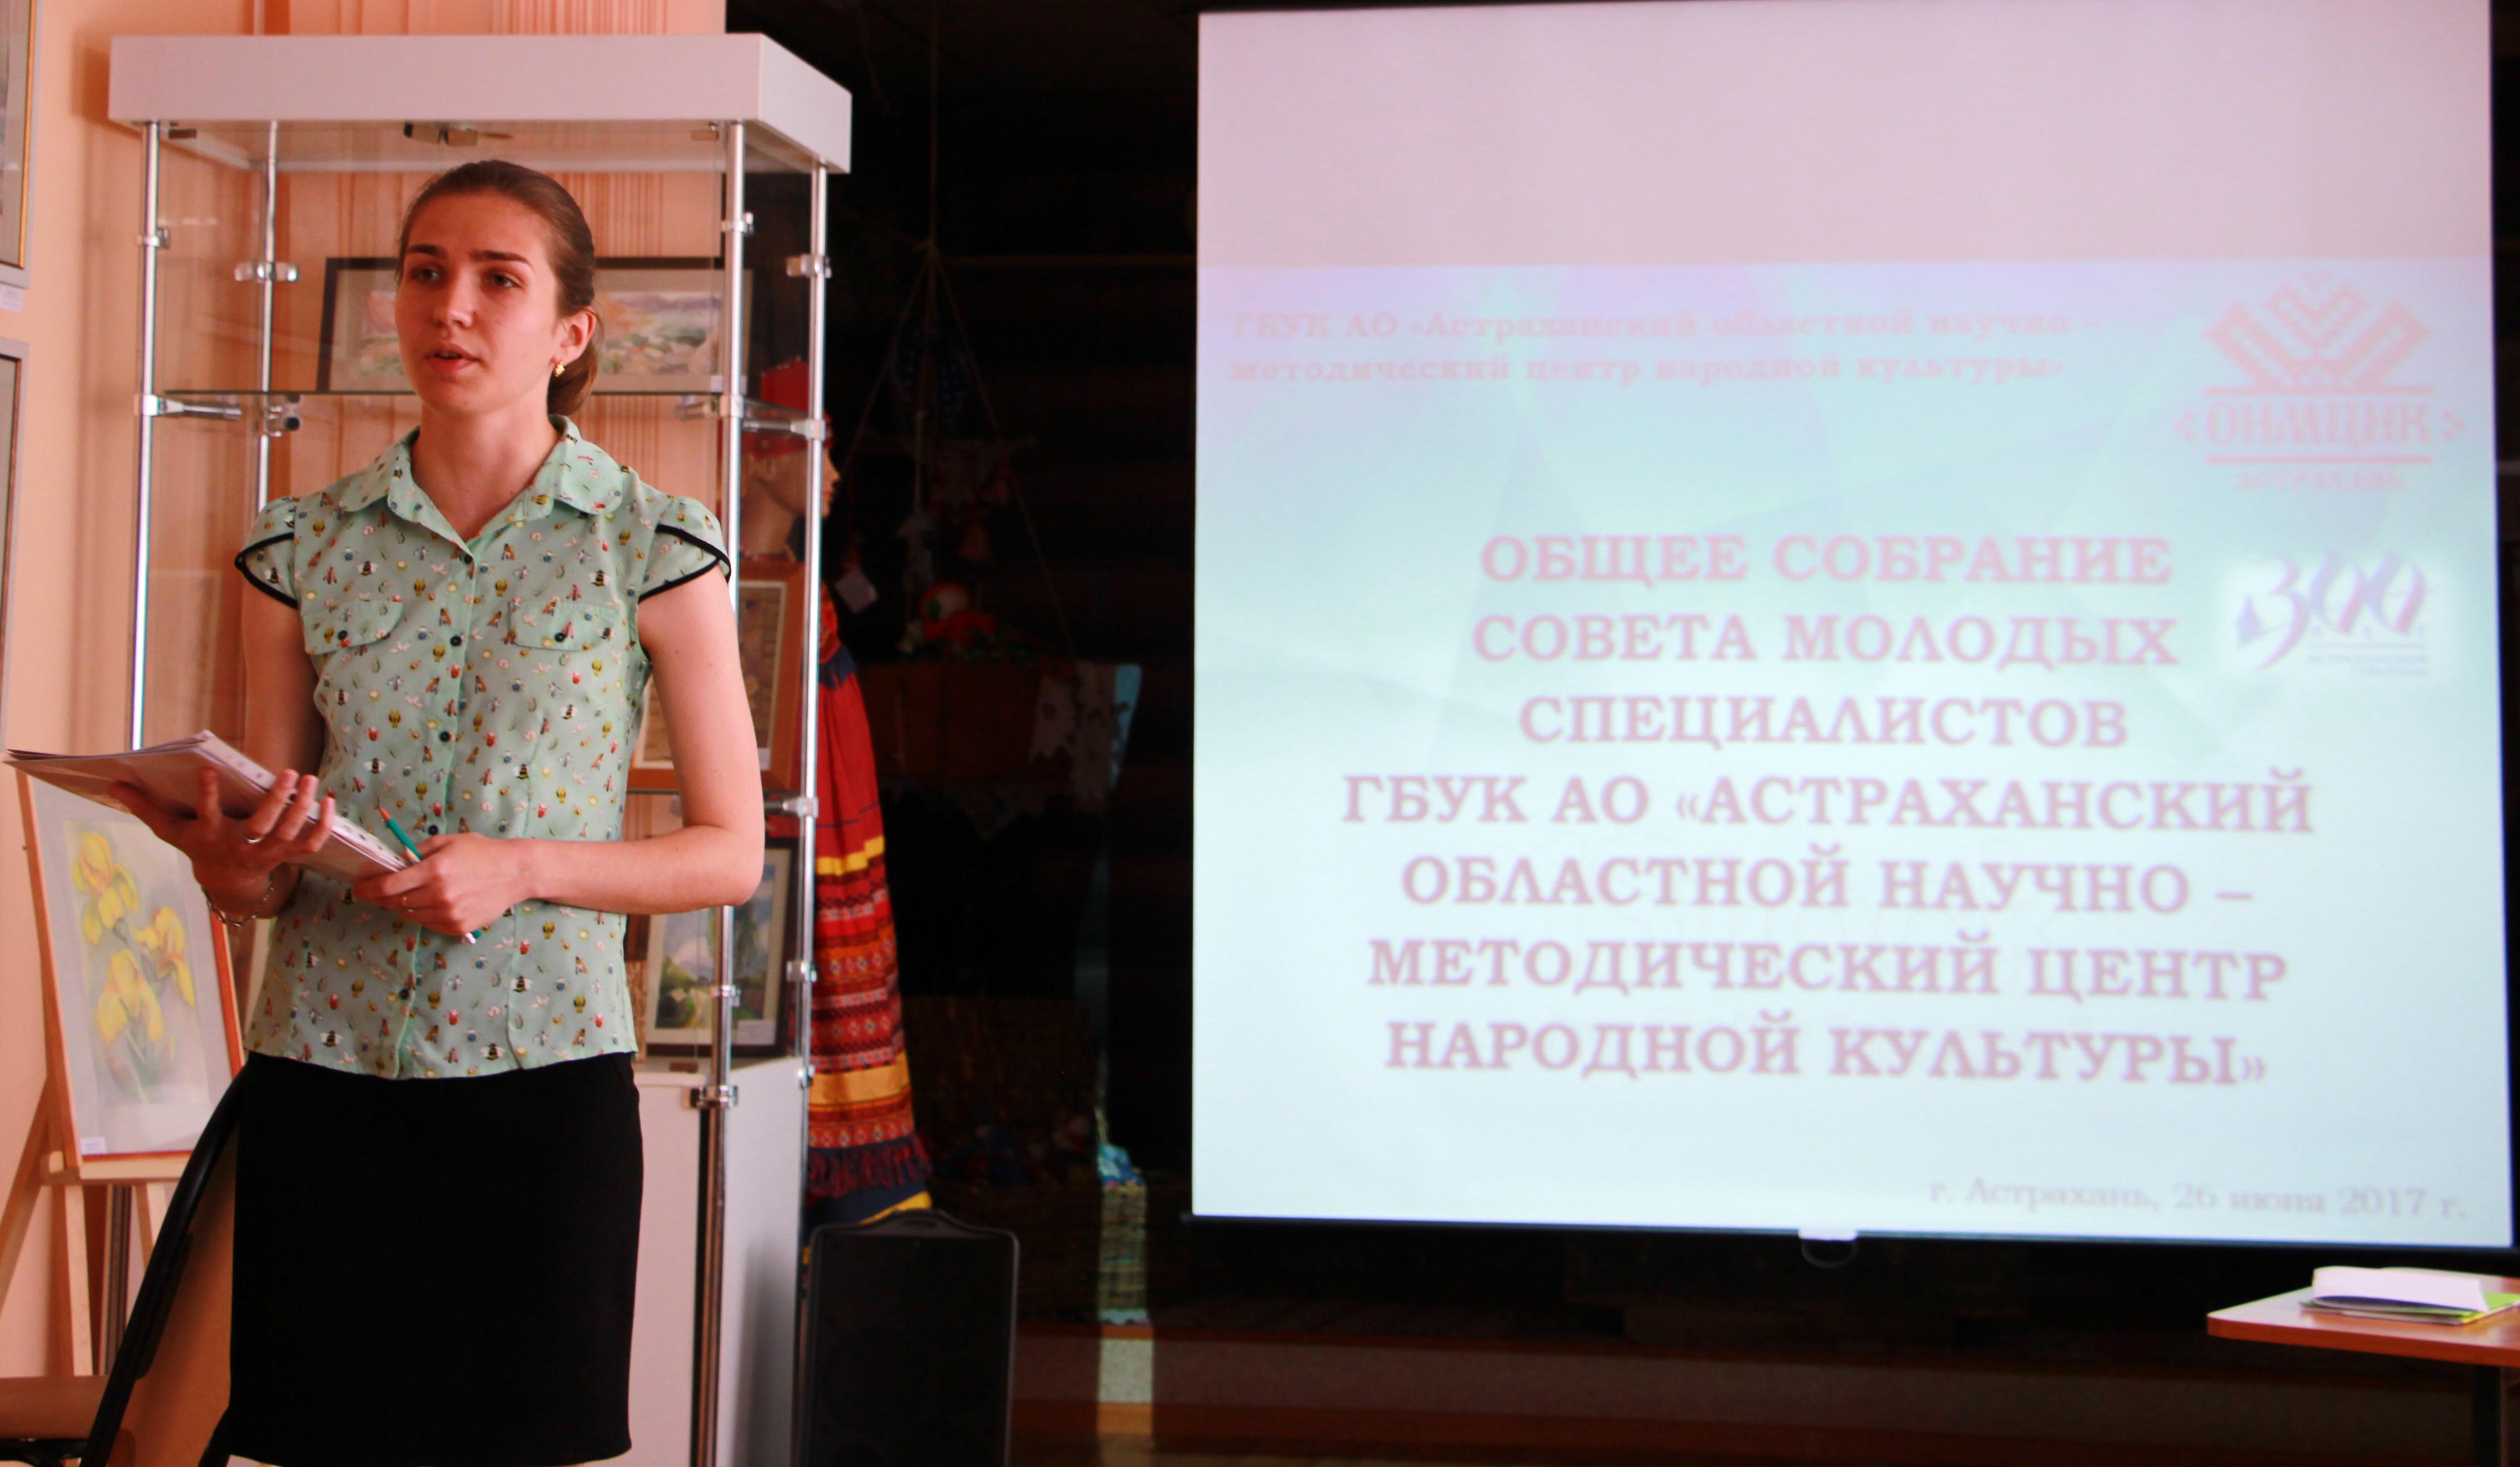 Cостоялось общее собрание совета молодых специалистов